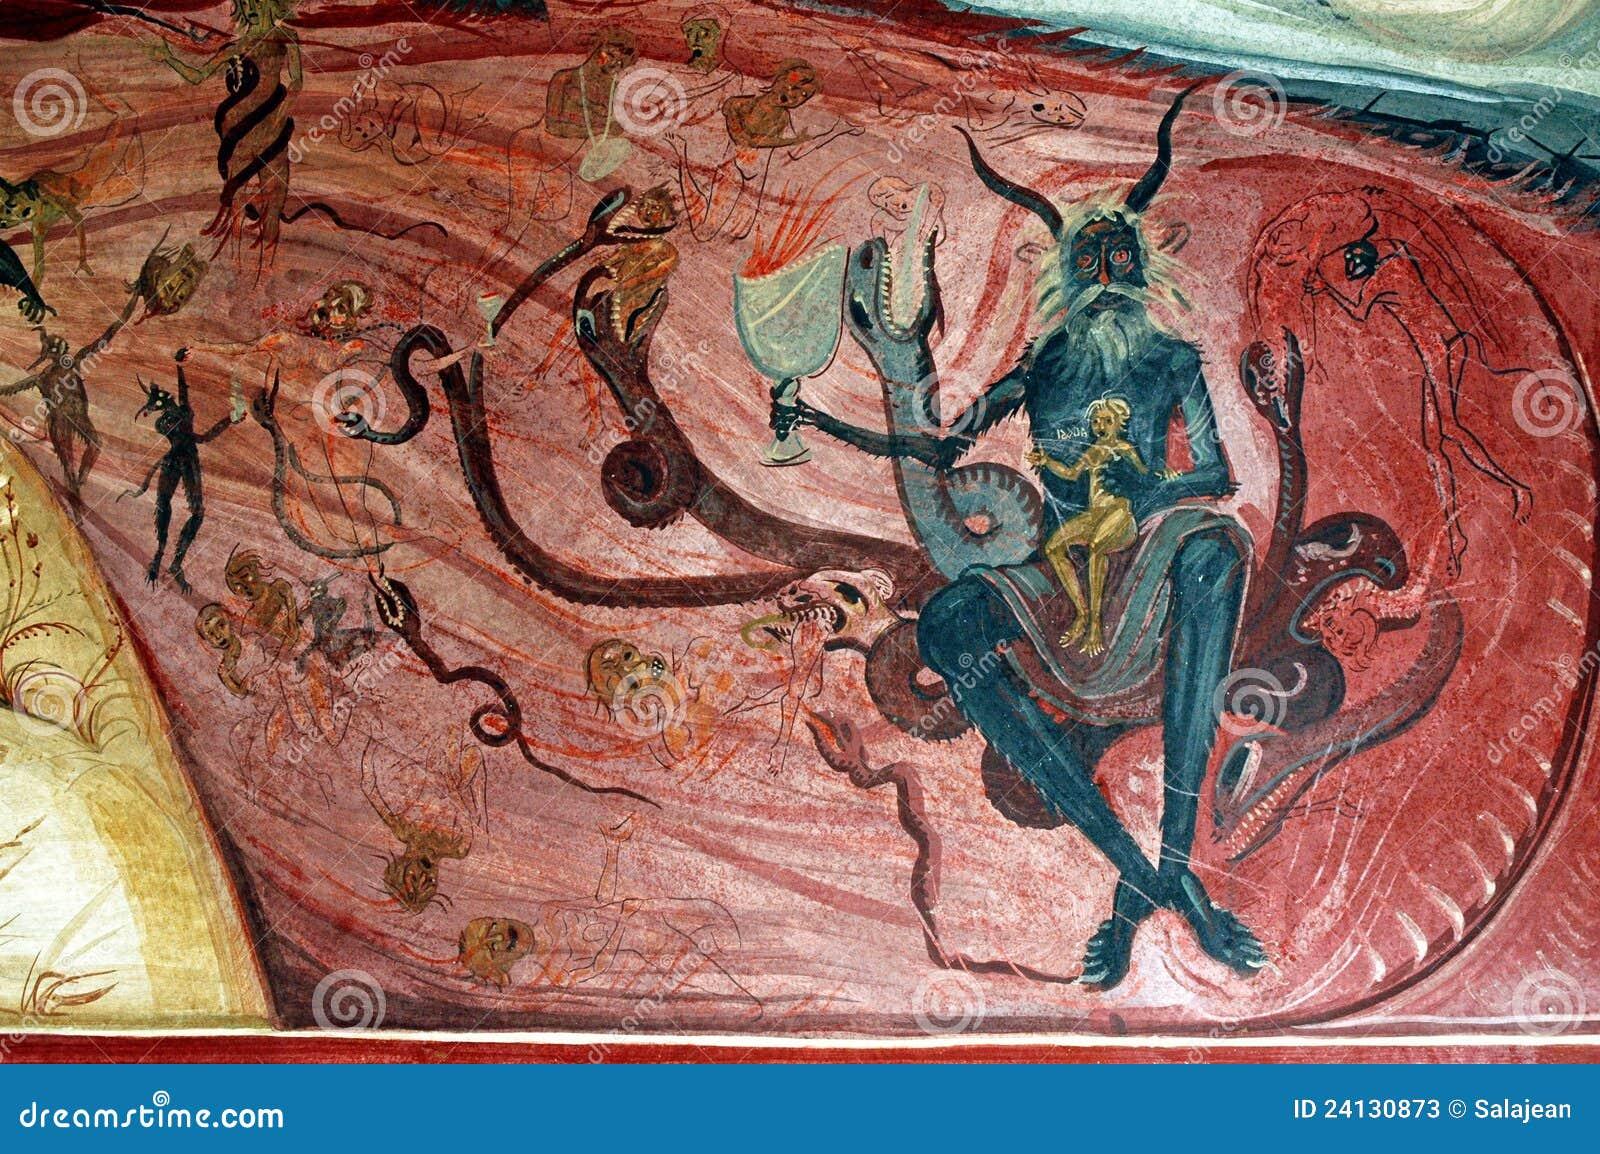 Mal et enfer sur une peinture murale roumaine photos stock for Types de peintures murales